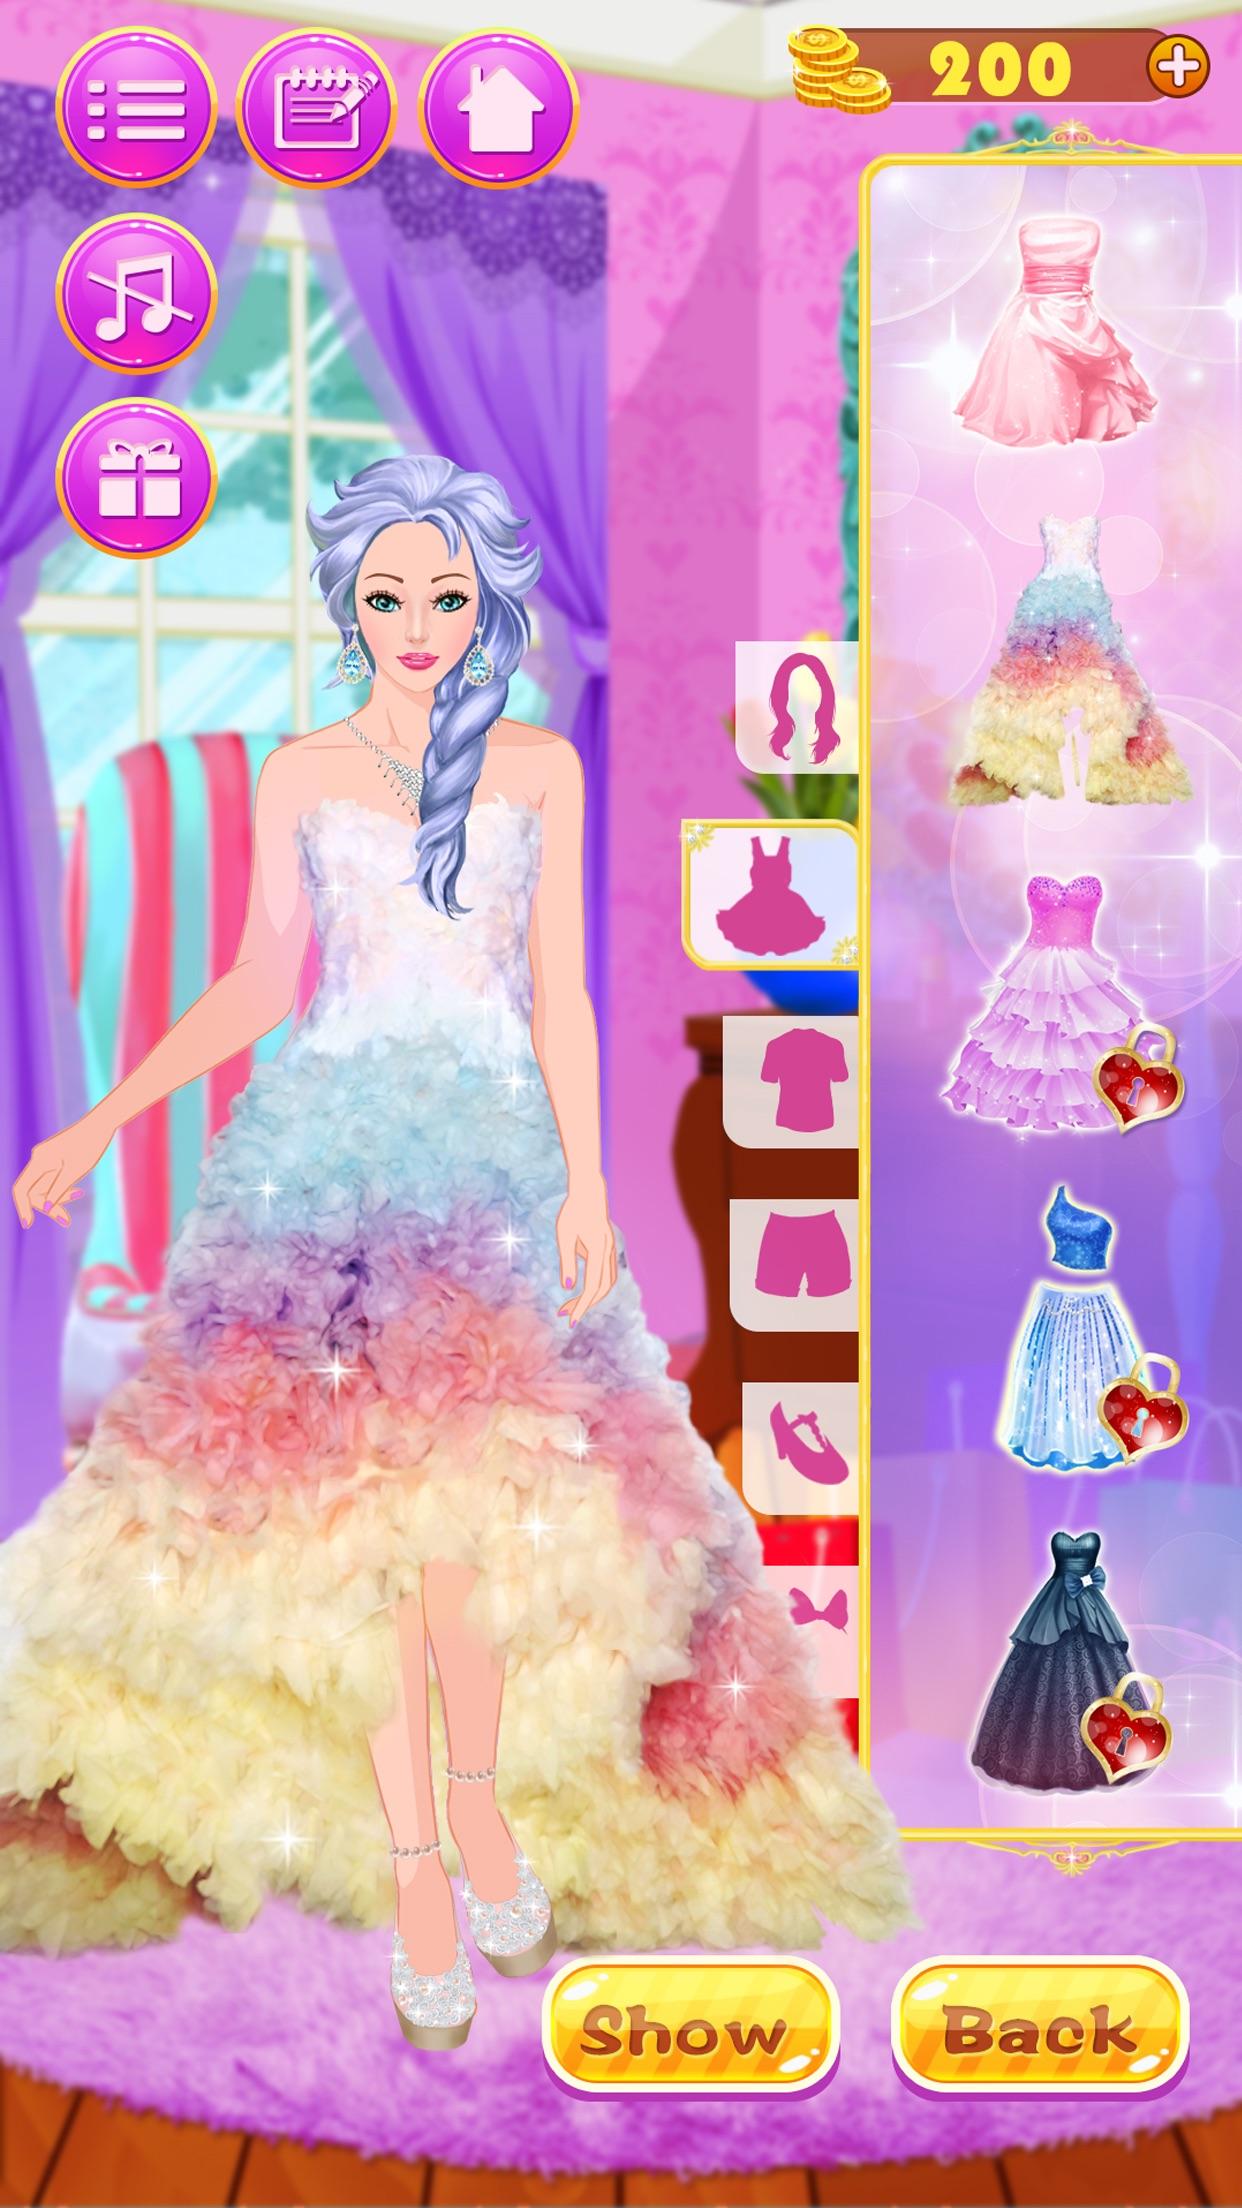 Girls Dress Up - games for girls! Screenshot